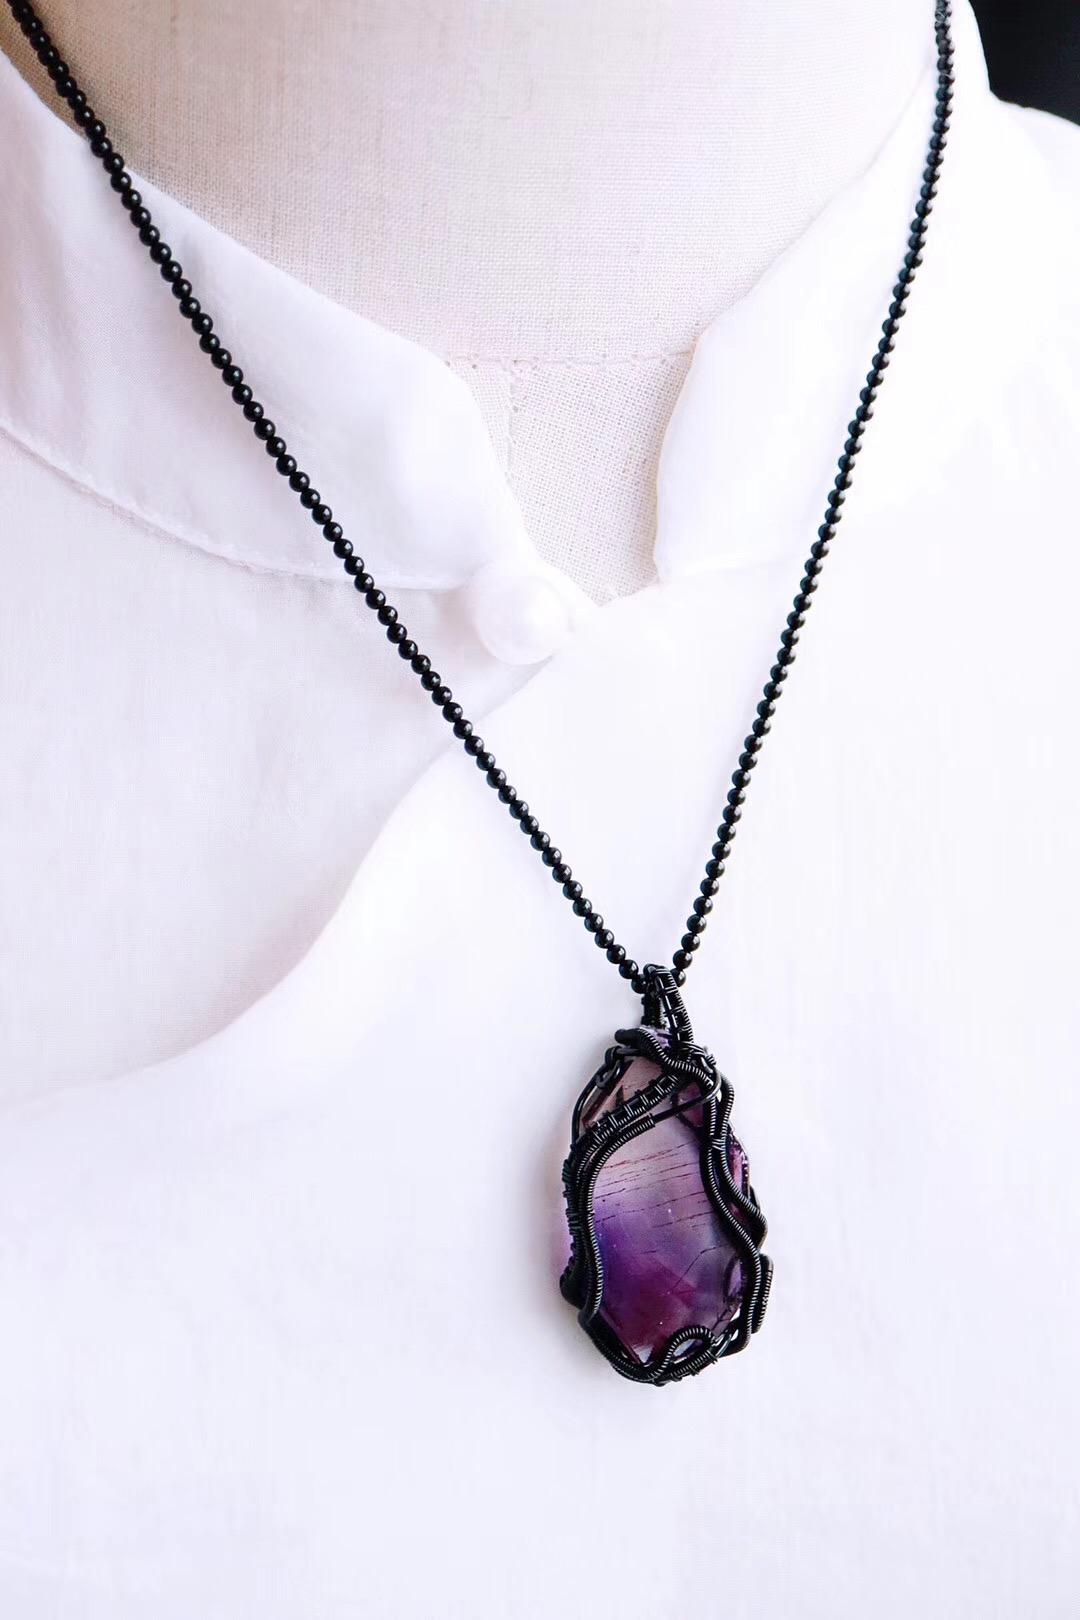 【菩心   超七紫发晶】随形的紫发晶更加自然有个性,梦幻-菩心晶舍